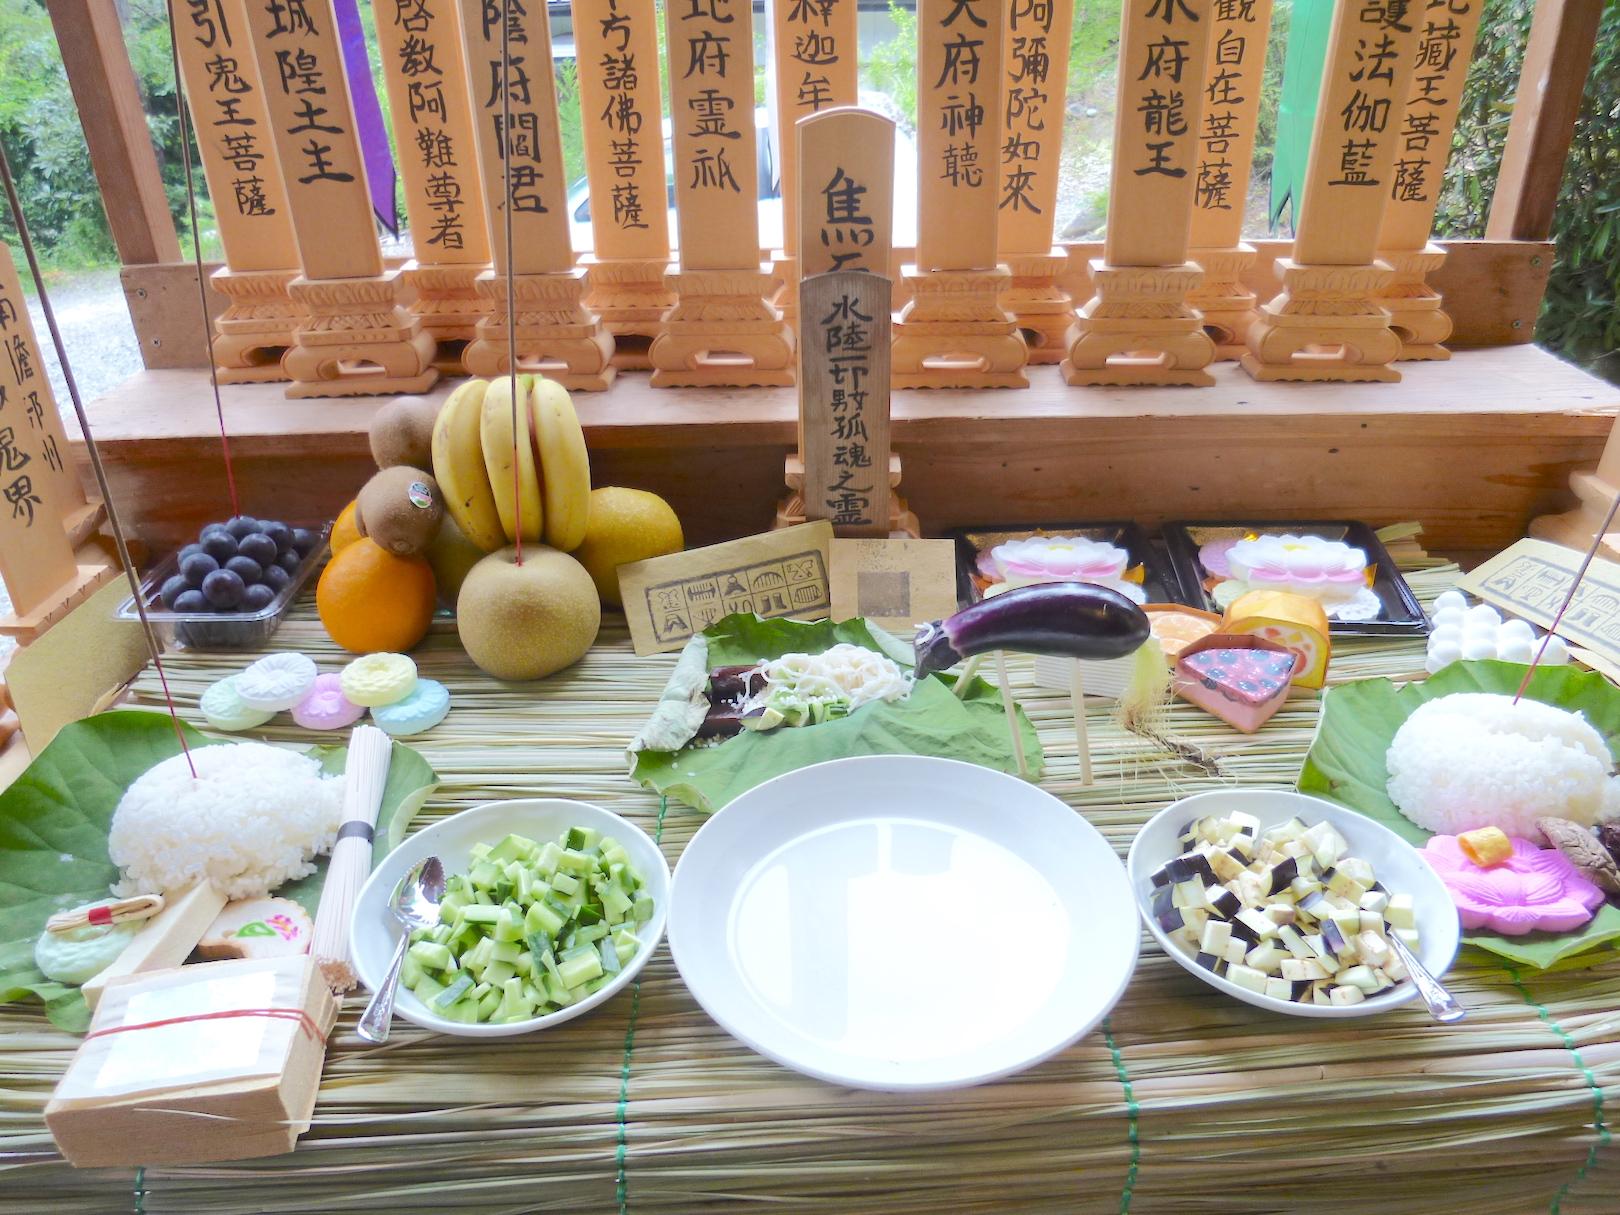 Timun dan terung buah yang selalu ada di persembahan makanan pada shōrōdana/shōryōdana (altar persembahan untuk leluhur) atau bondana (altar obon) saat perayaan Hari Raya Obon.